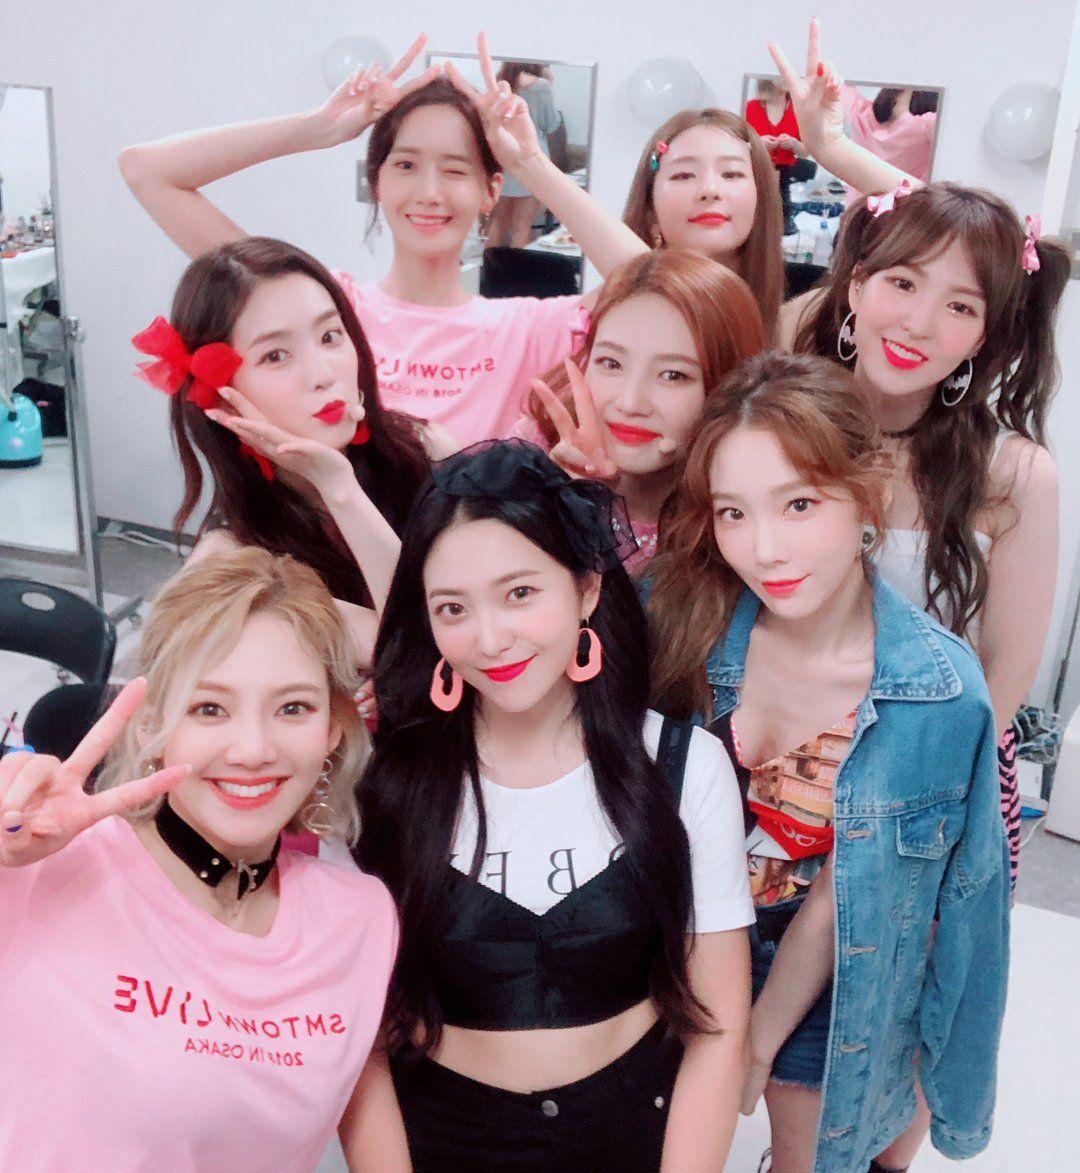 Berita Tentang Yoona Di Twitter Exo Red Velvet Girls Generation Red Velvet Irene